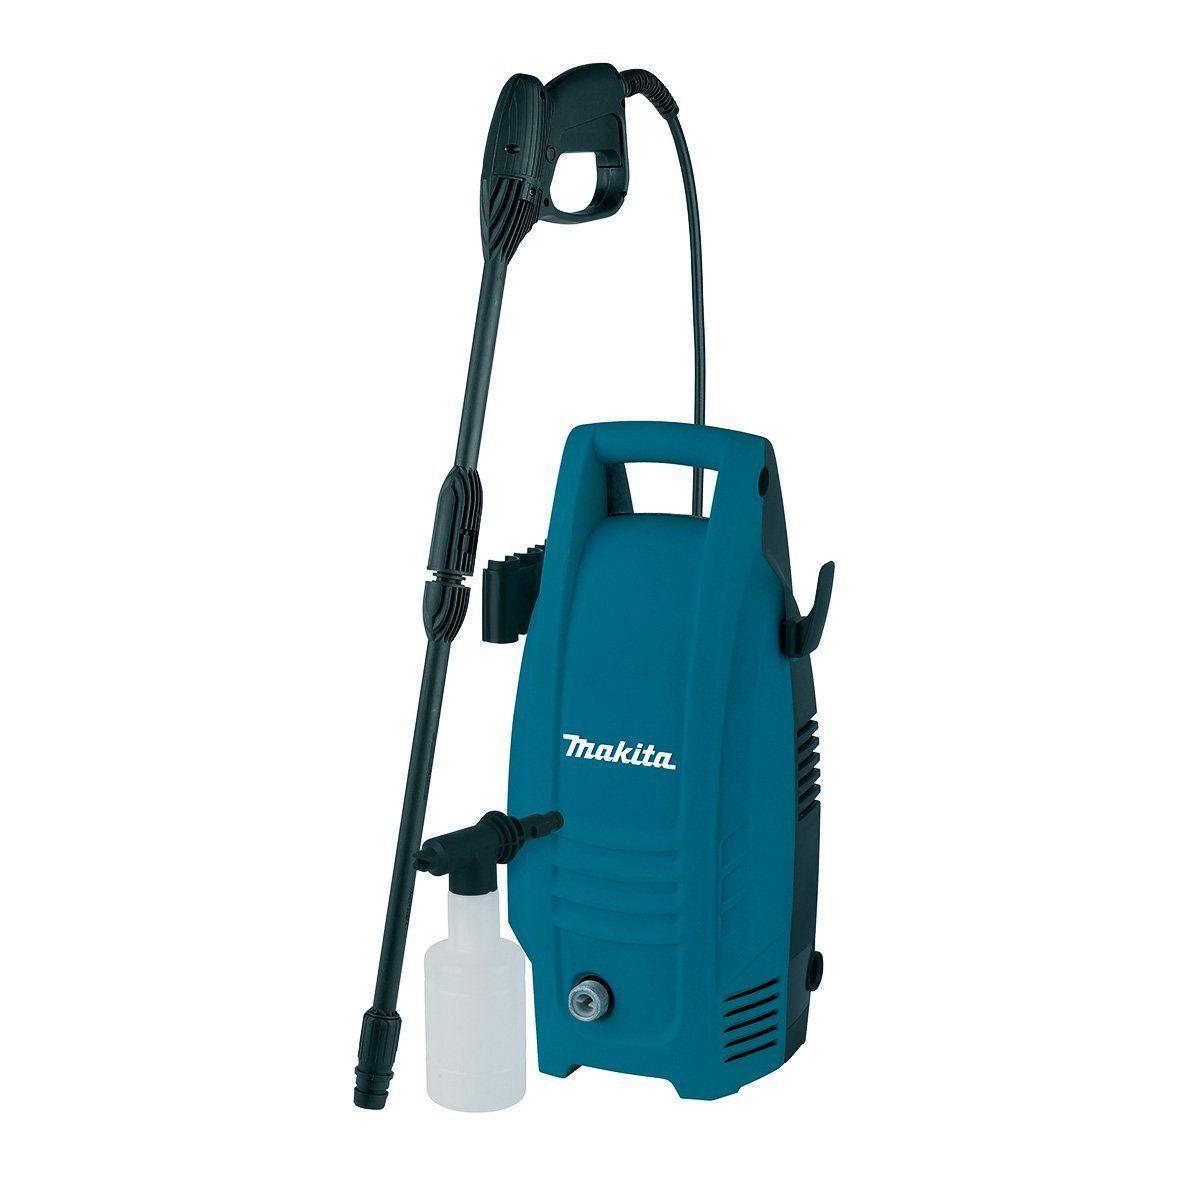 Makita HW101 240 V Compact Pressure Washer: Amazon co uk